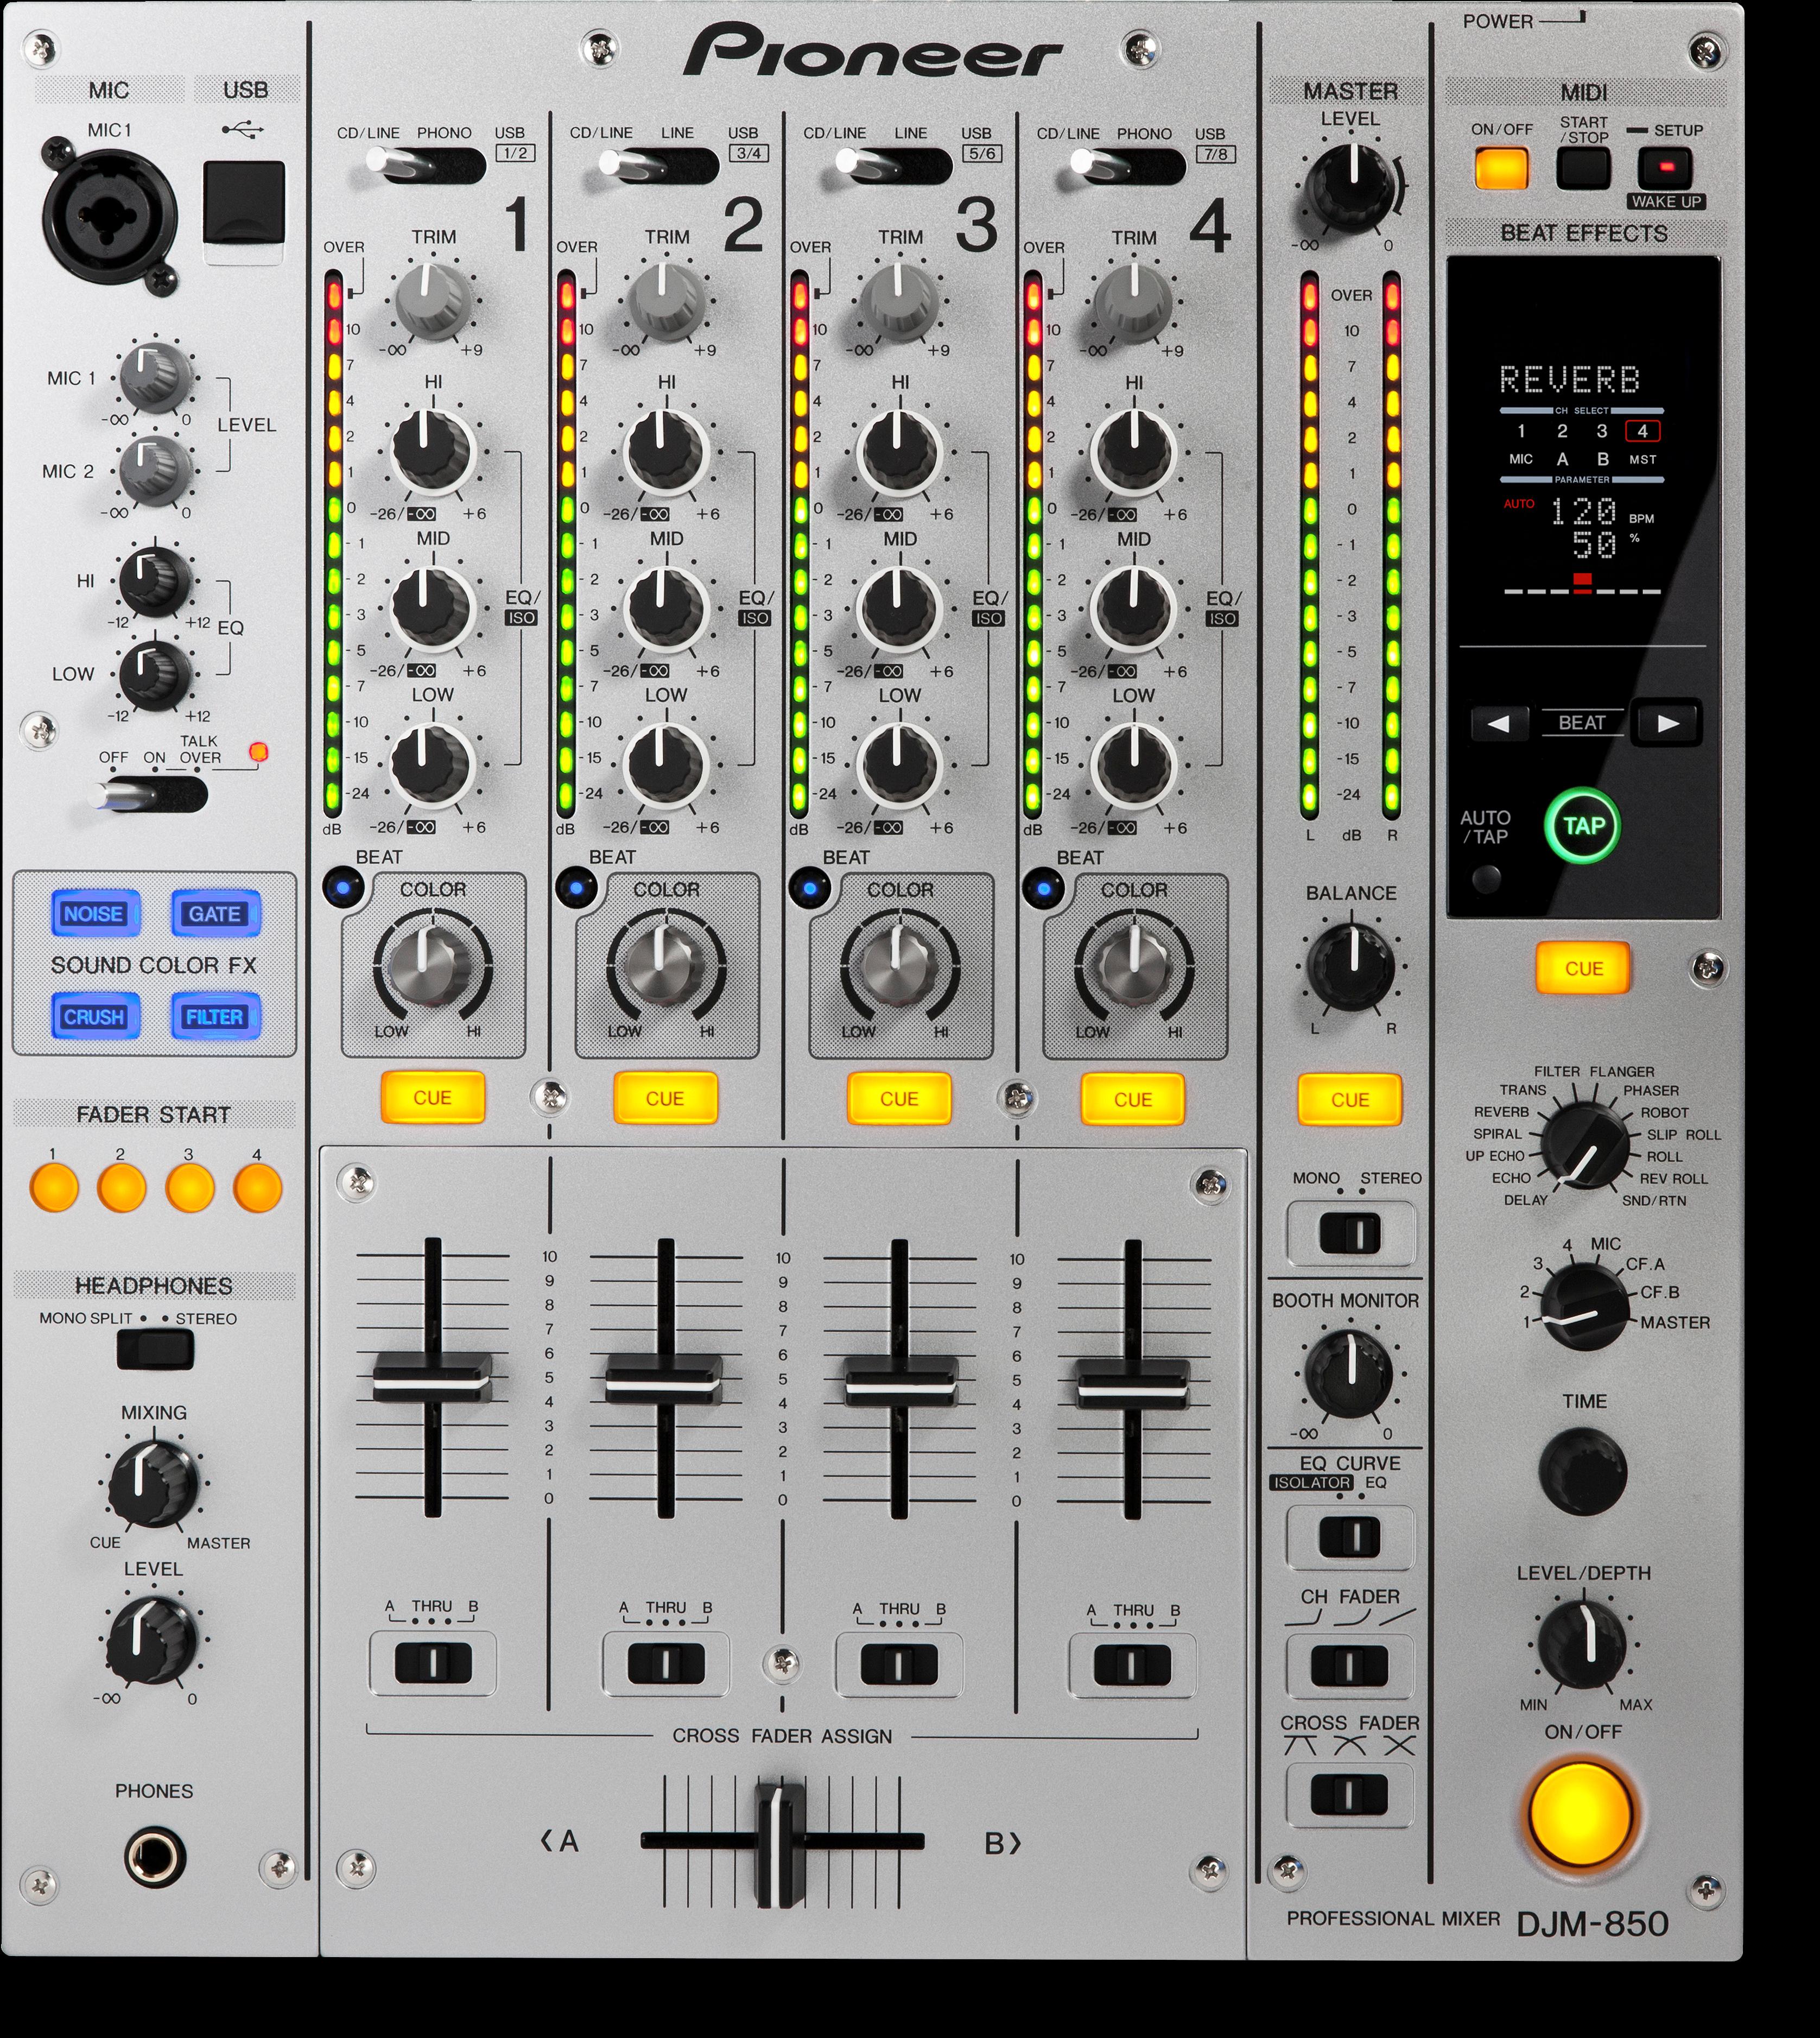 DJM-850-S main